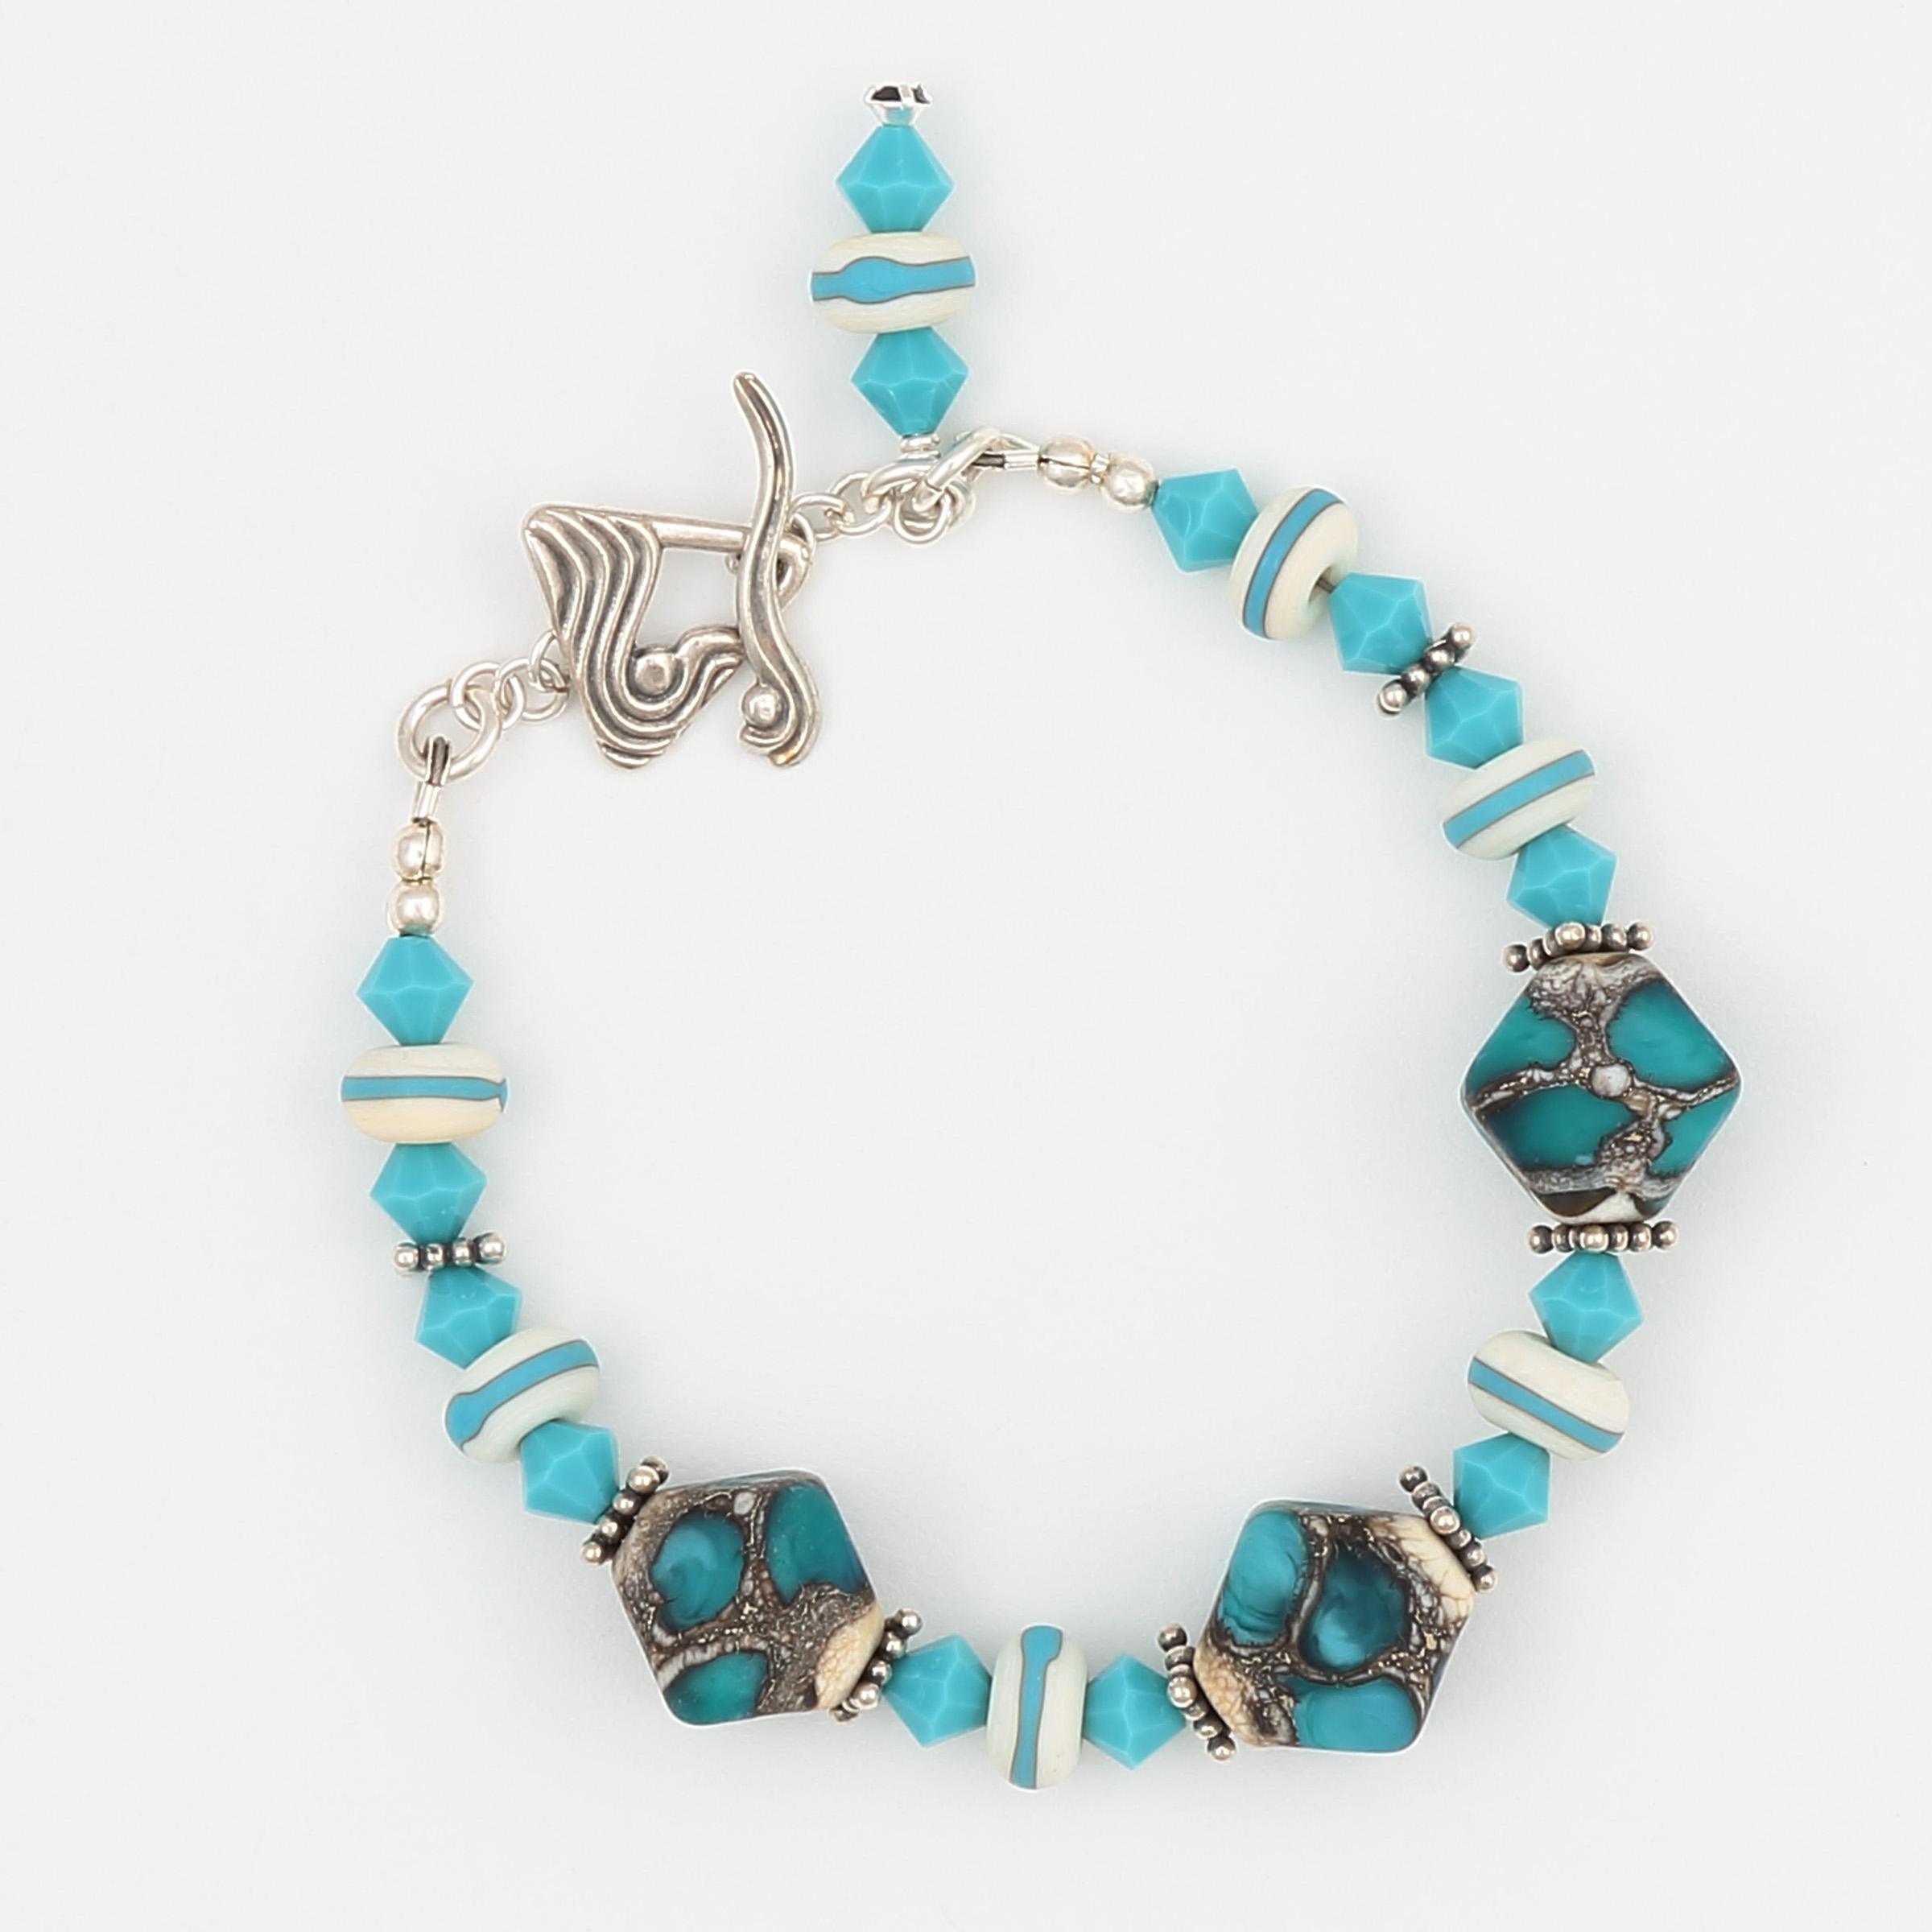 Arizona Bracelet – Art Glass, Crystal & Sterling Silver